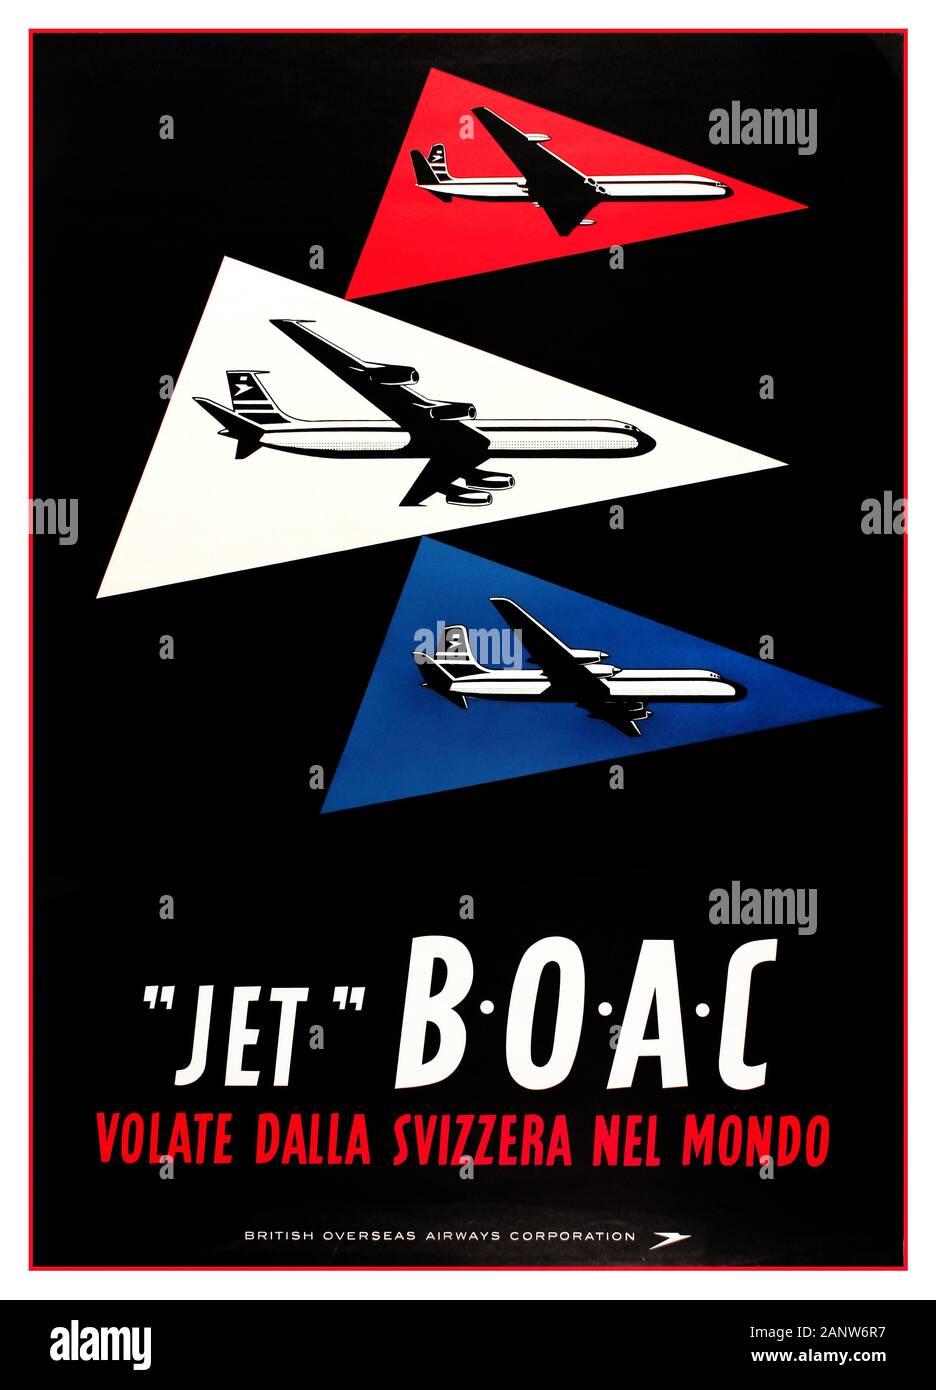 """BOAC Vintage Travel Advertising Poster 1960s veröffentlicht auf Italienisch von der British Overseas Airways Corporation (B.O.A.C.), um ihre Flüge aus der Schweiz zu bewerben: Fly Worldwide From Switzerland / """"Jet"""" B.O.A.C Volate Dalla Svizzera nel Mundo. Bilder von drei BOAC-Ebenen in drei verschiedenen Dreiecken, rot, weiß und blau vor schwarzem Hintergrund mit dem Titel unten in stilisierten weißen und roten Buchstaben und dem BOAC speedbird Logo in Weiß. Gedruckt in der Schweiz von Bollmann, Zürich. Land: Schweiz, Druckjahr: 1960, Designer: J Wild, Stockfoto"""